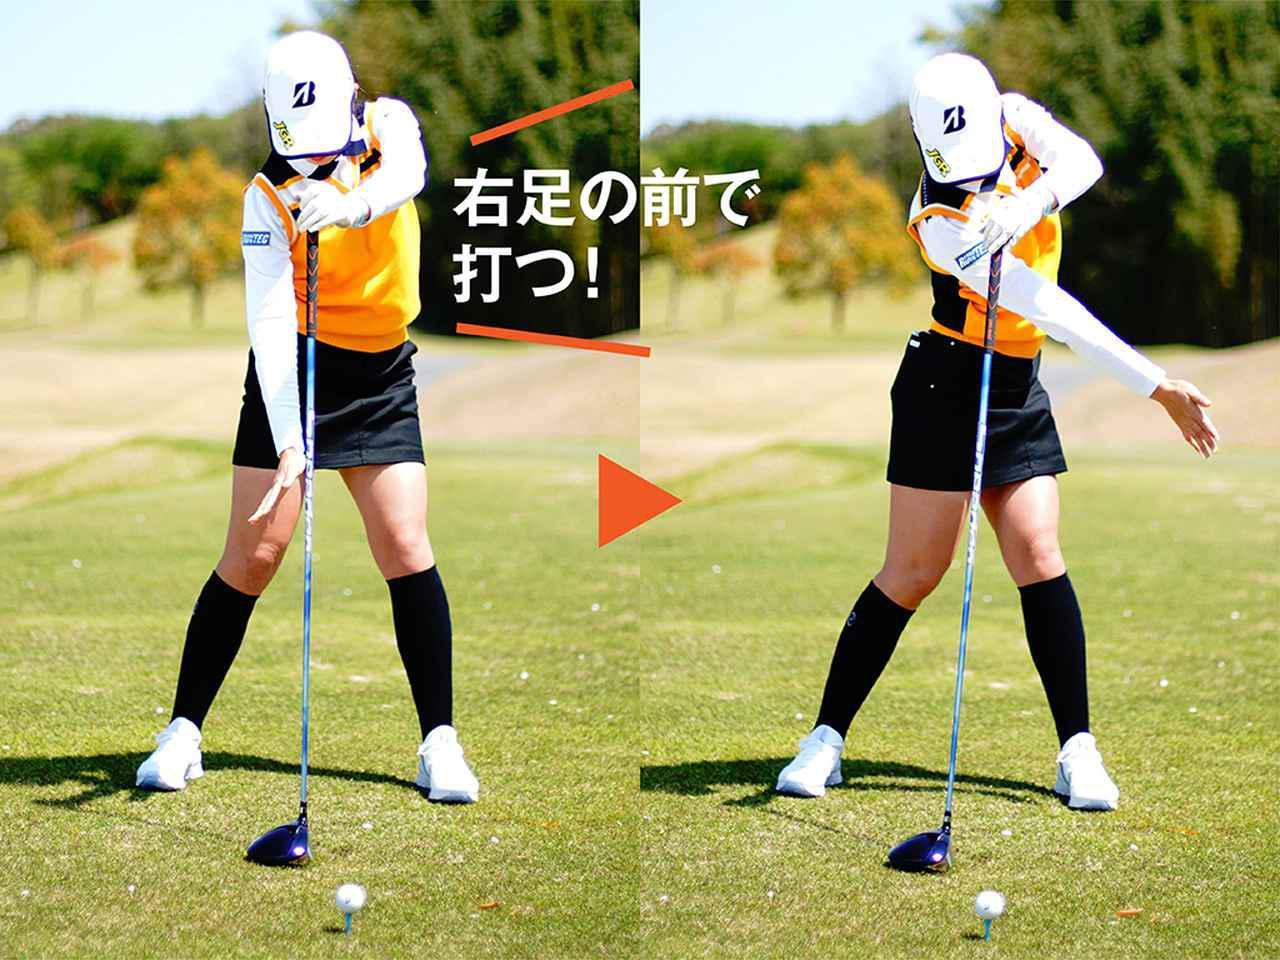 画像2: お尻キープしやすくなる2つのポイント